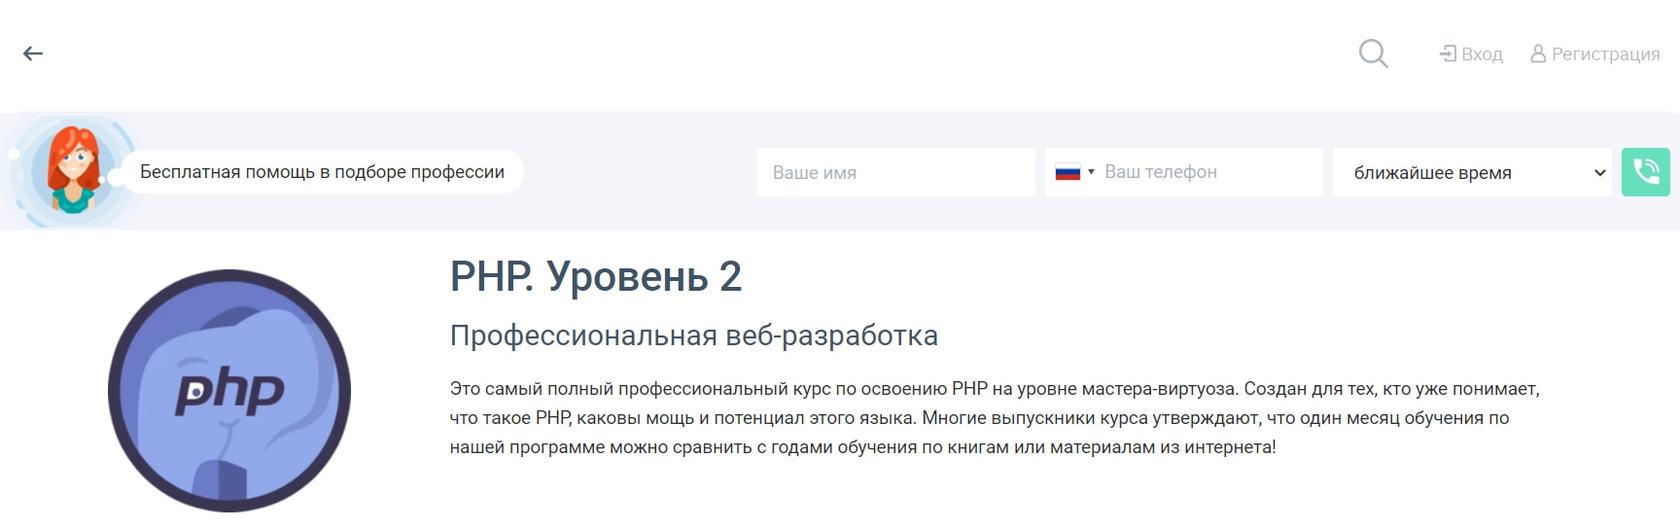 Записаться на Курс «PHP. Уровень 2. Профессиональная веб-разработка» от GeekBrains